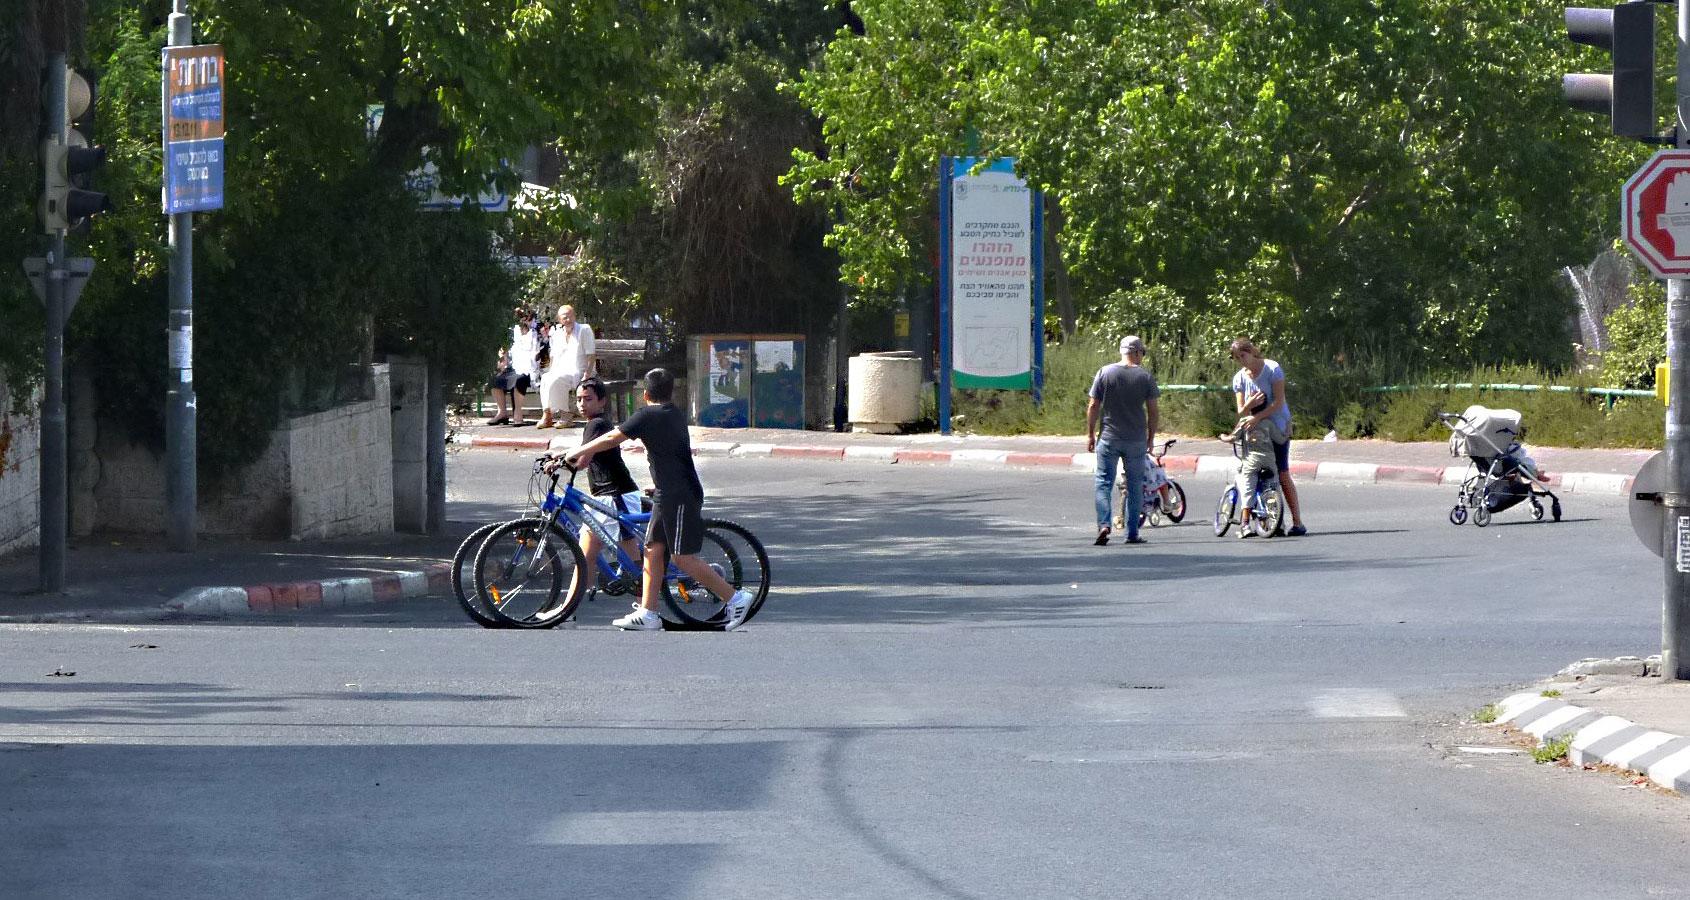 רוכבי אופניים ביום כיפור